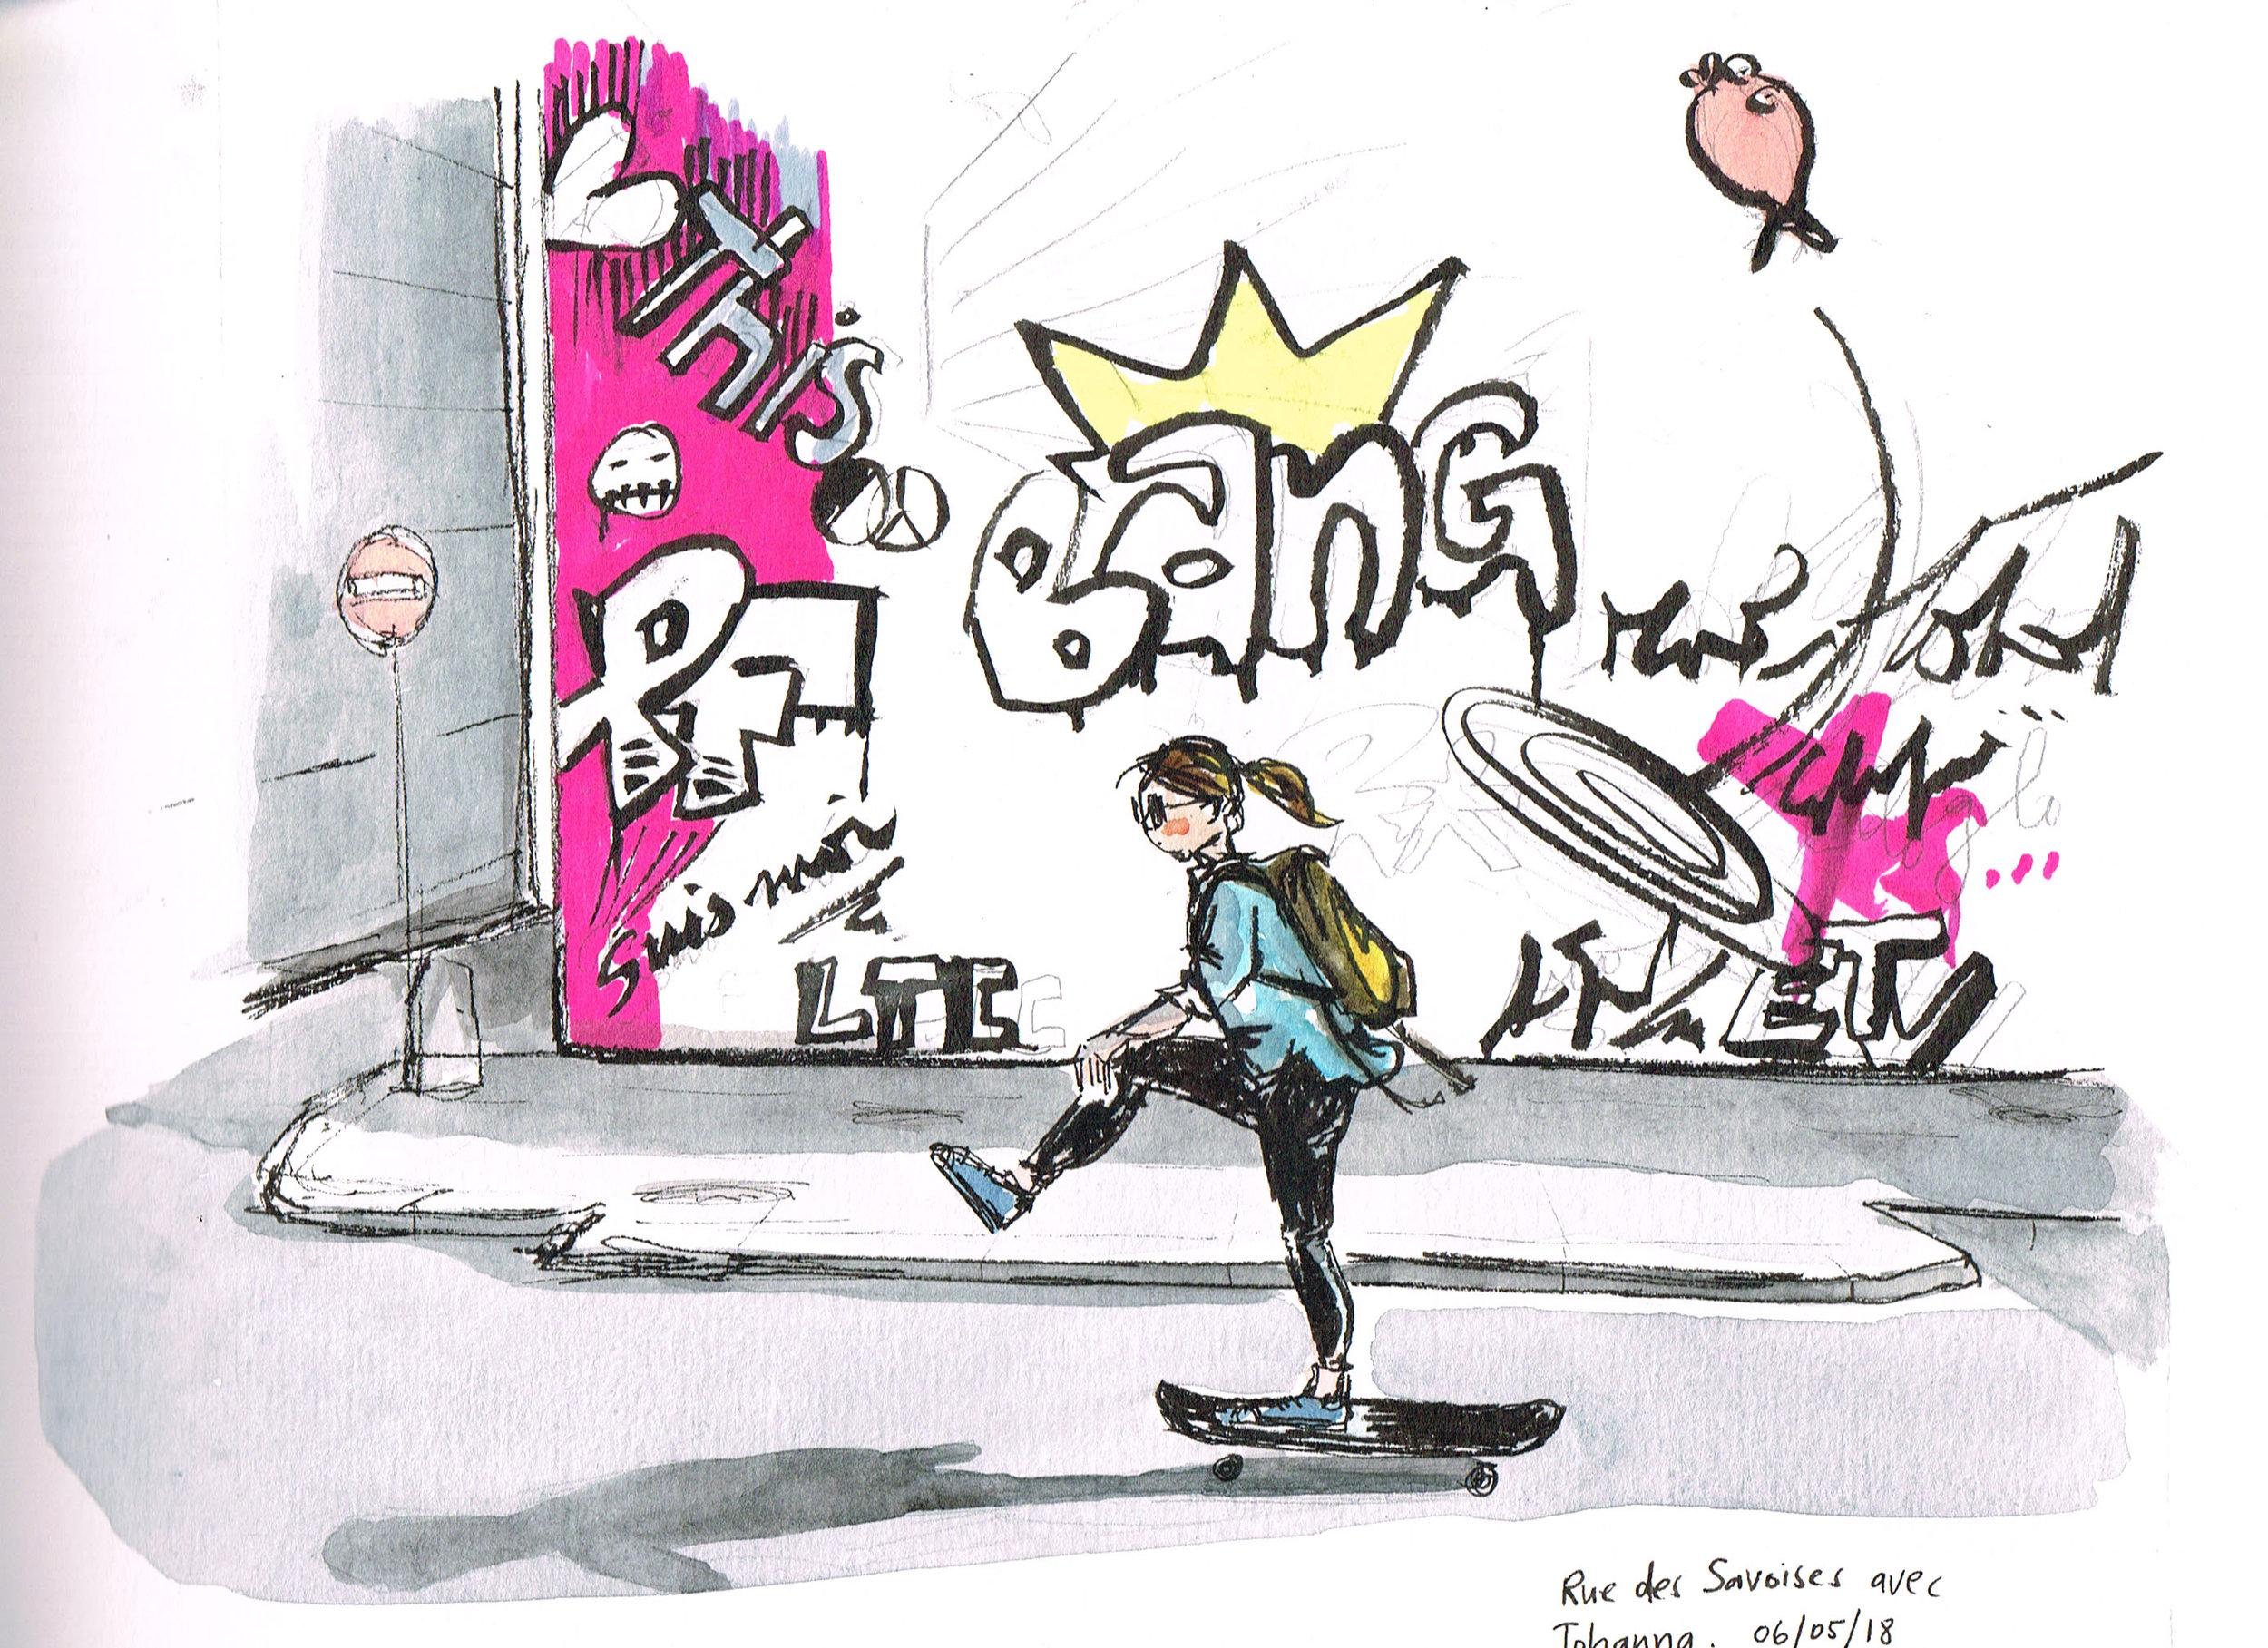 Half Pint skating